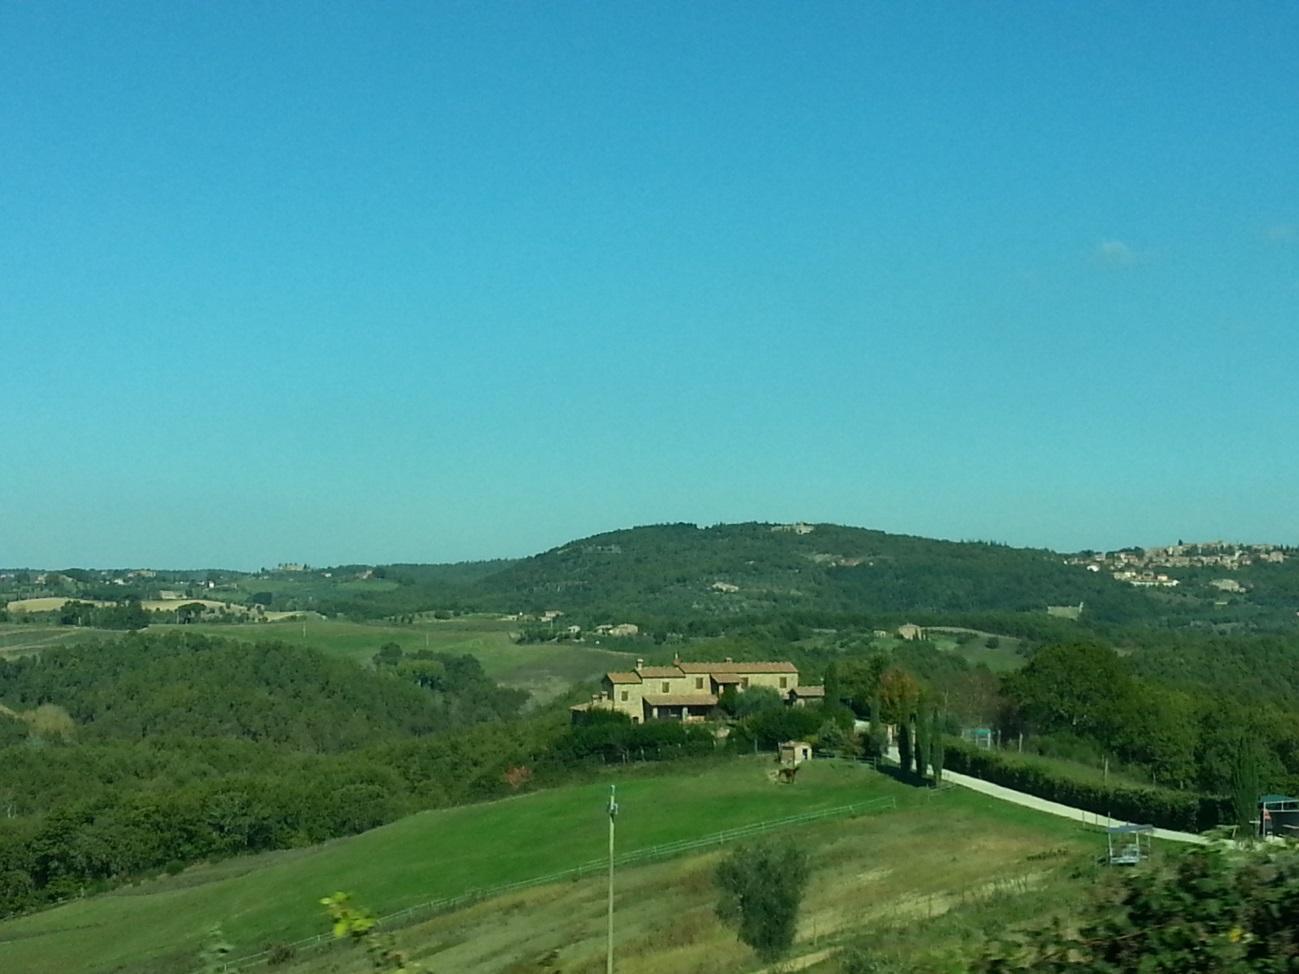 C:\Users\Gonzalo\Desktop\Documentos\Fotografías\La Toscana\Móvil\20161028_120037.jpg